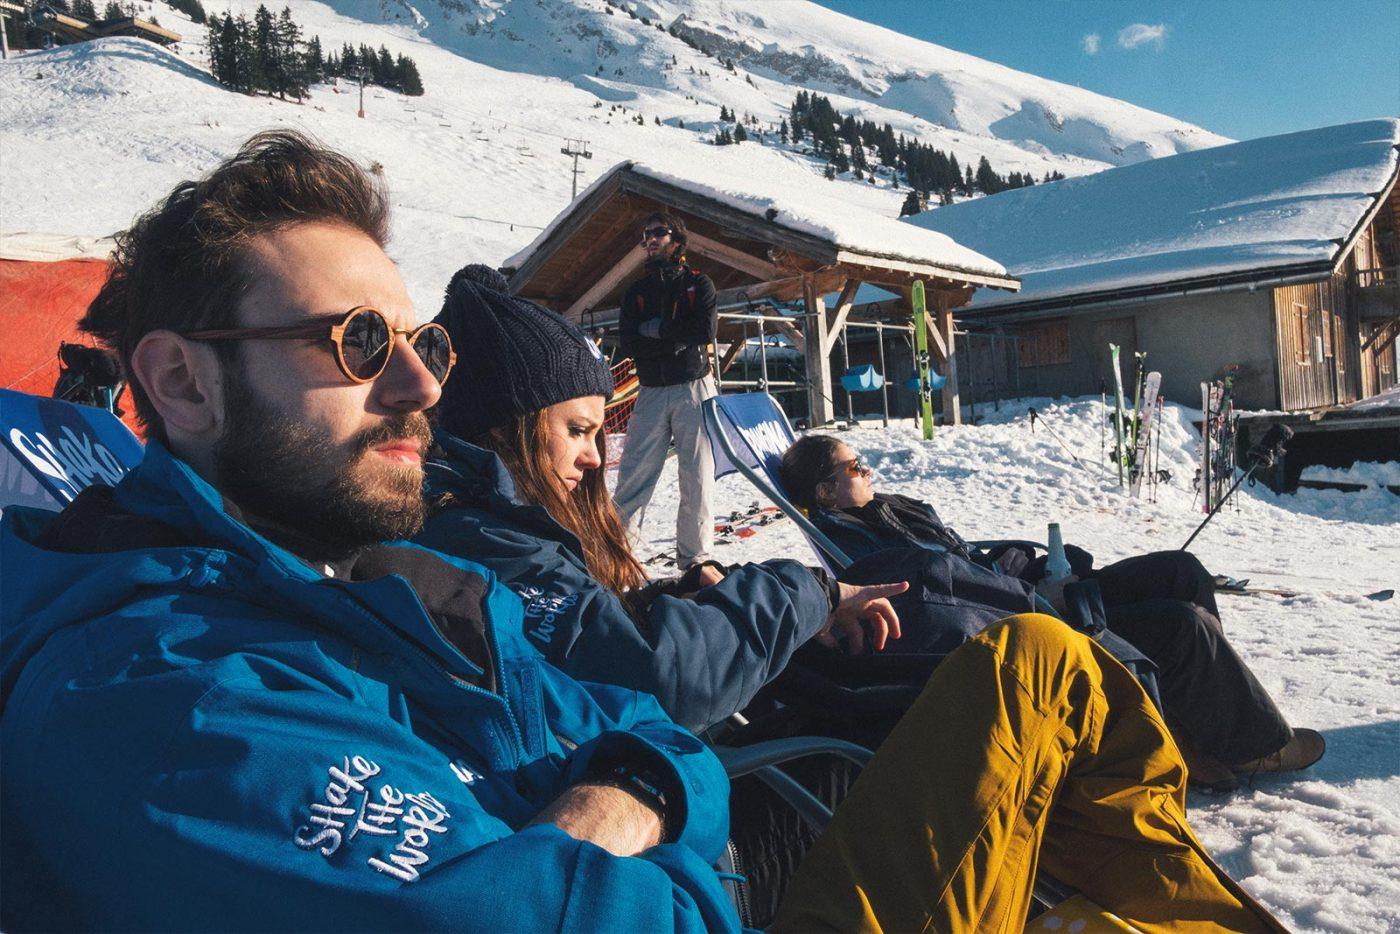 Retour sur une escapade givrée dans les Alpes